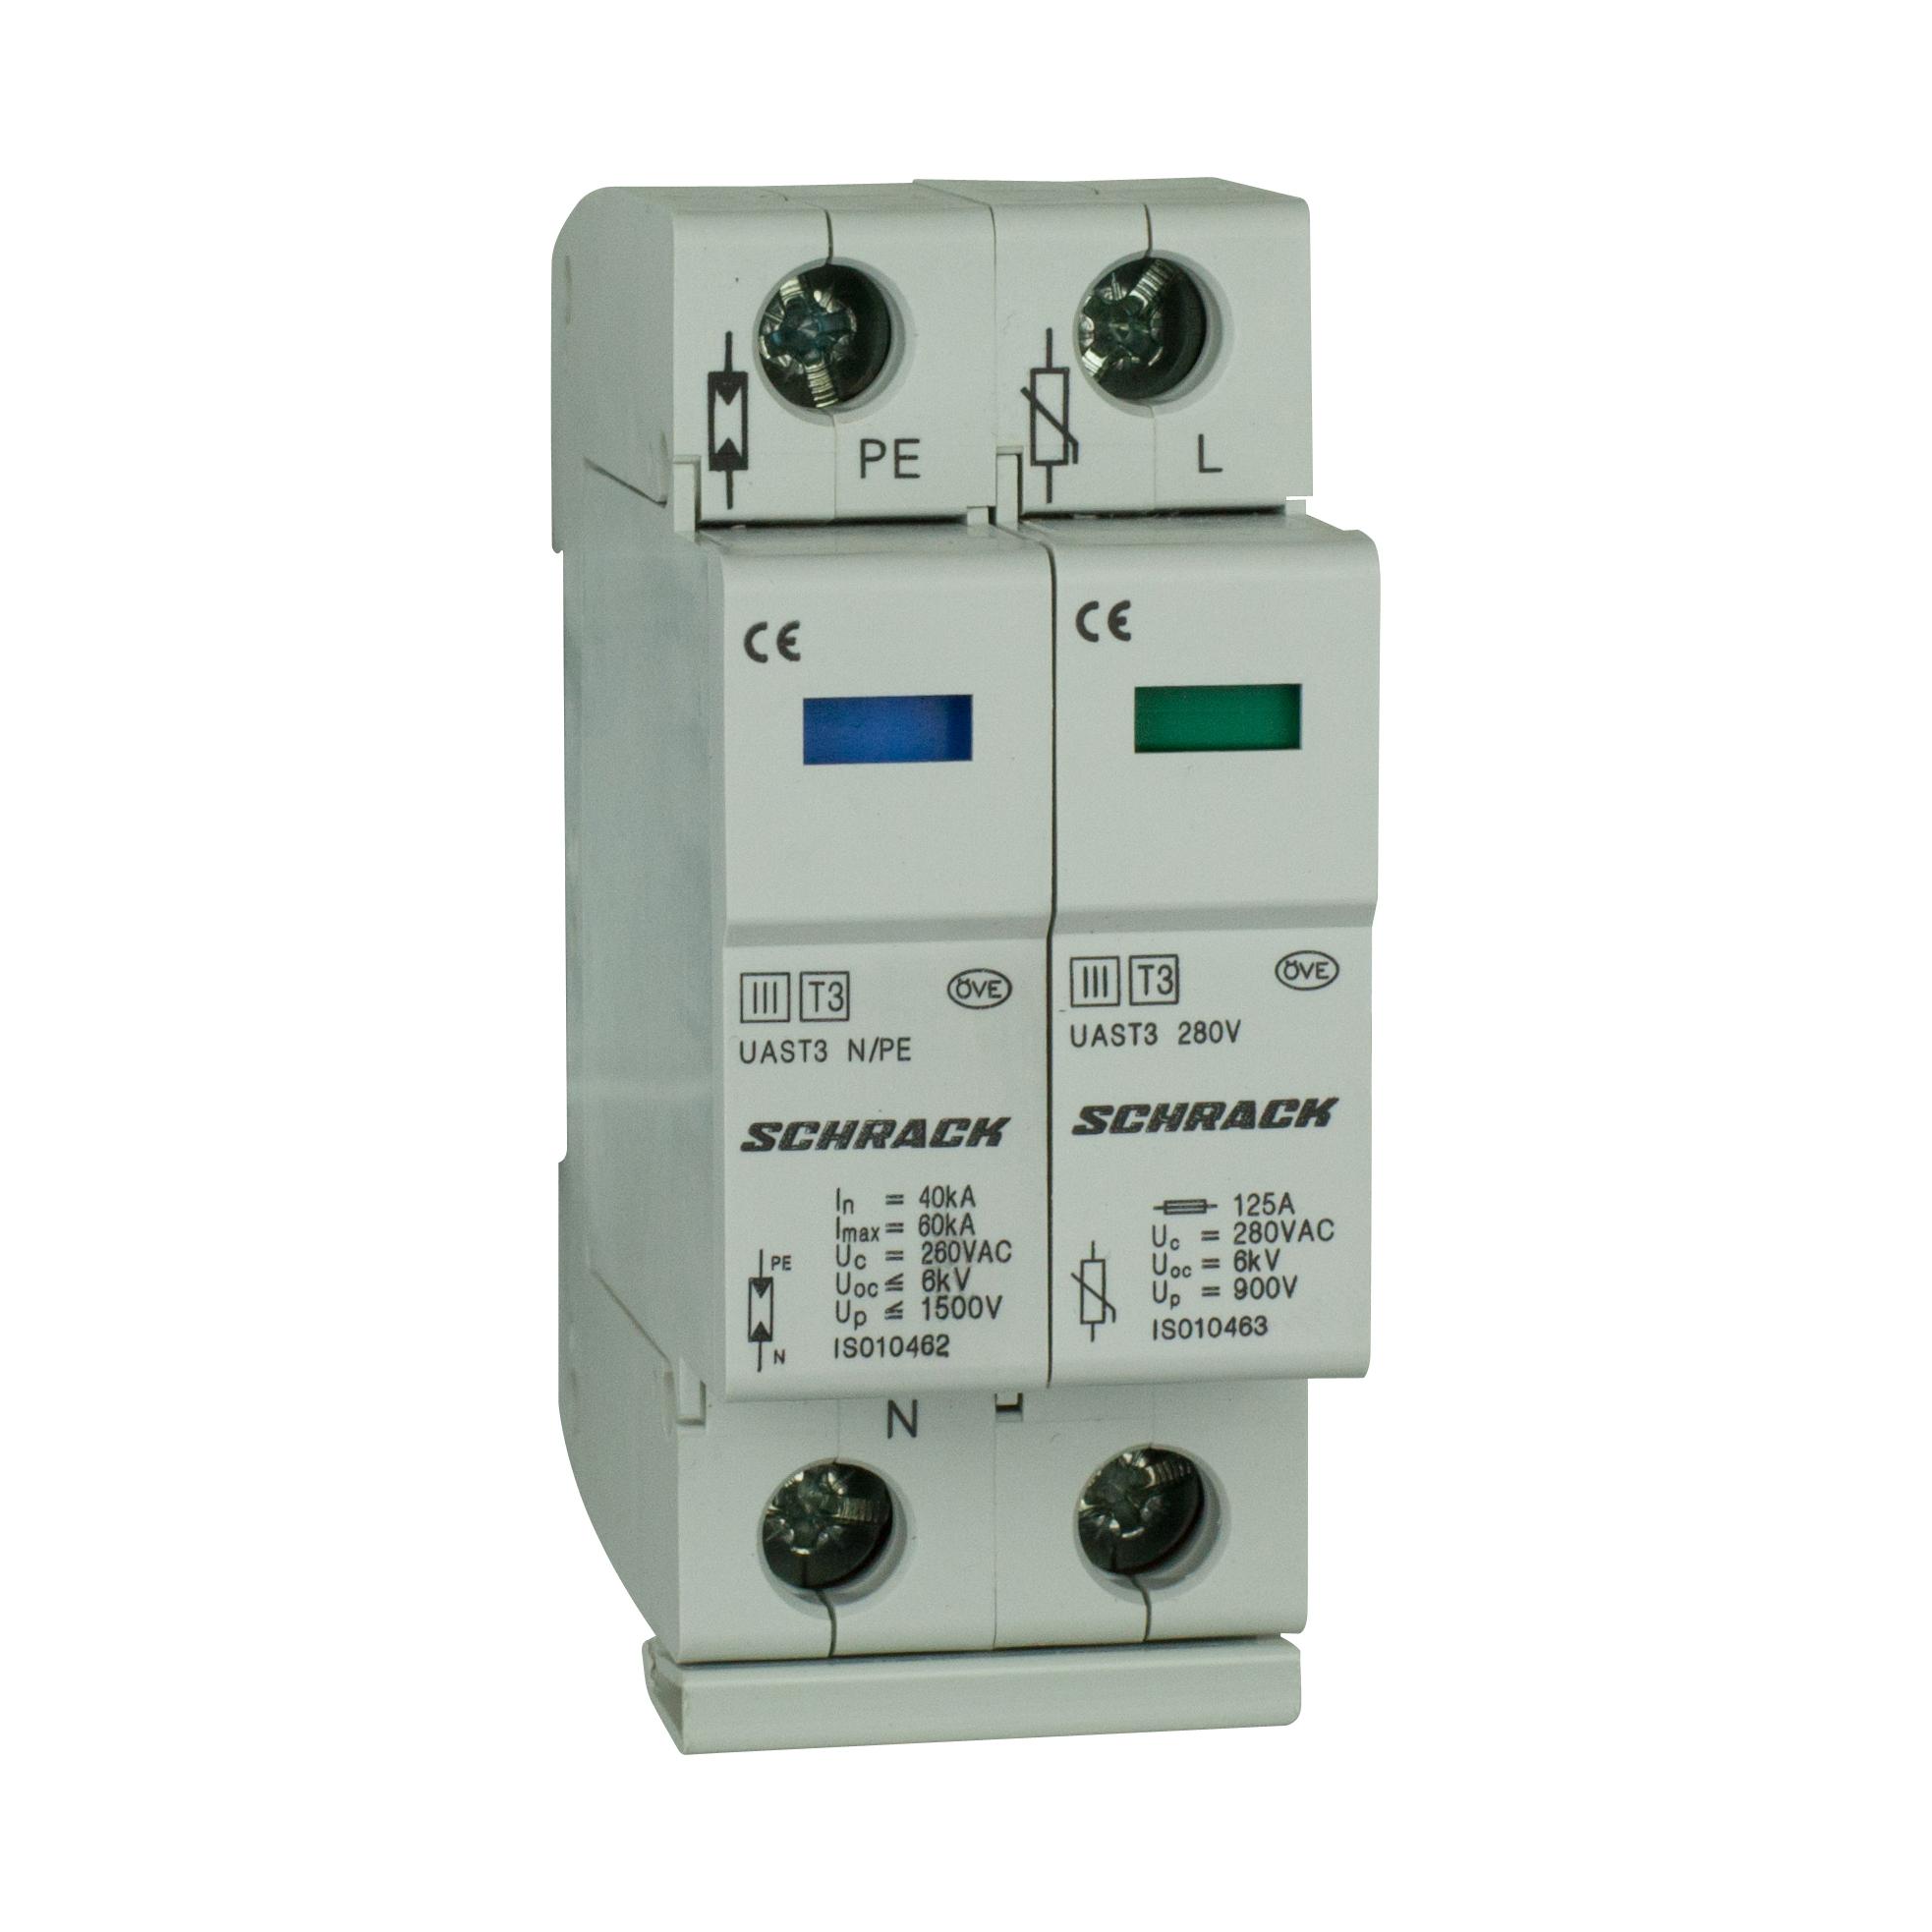 1 Stk T3/D - Ableiter komplett, 1+1, 280V - Serie UAS IS010460--